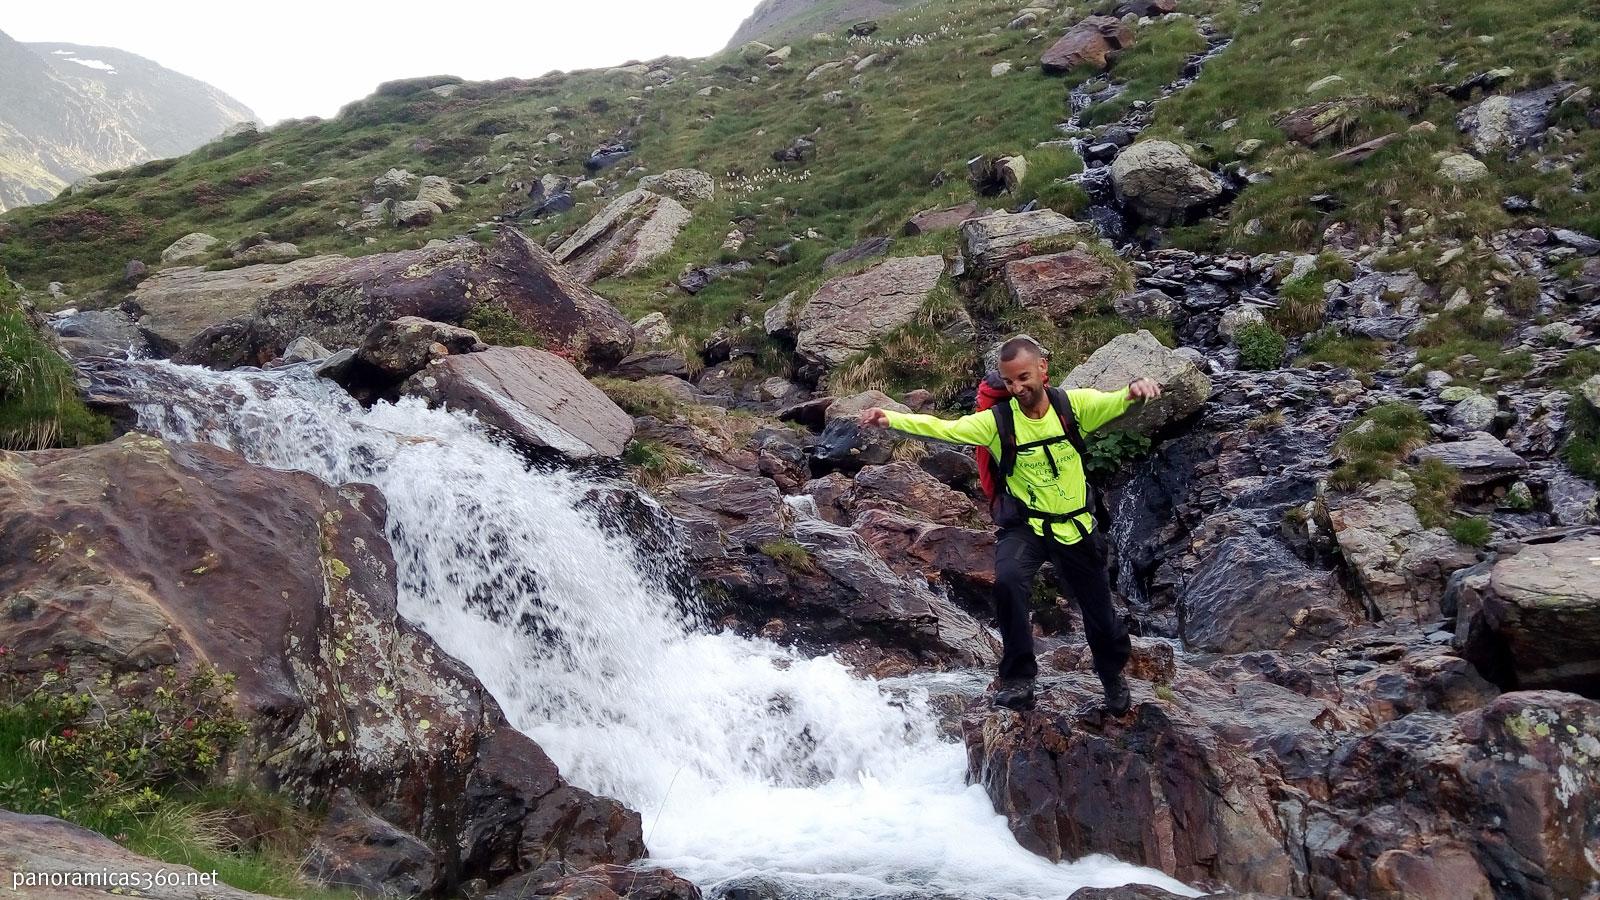 Manu cruzando el río Cinqueta de la Pez